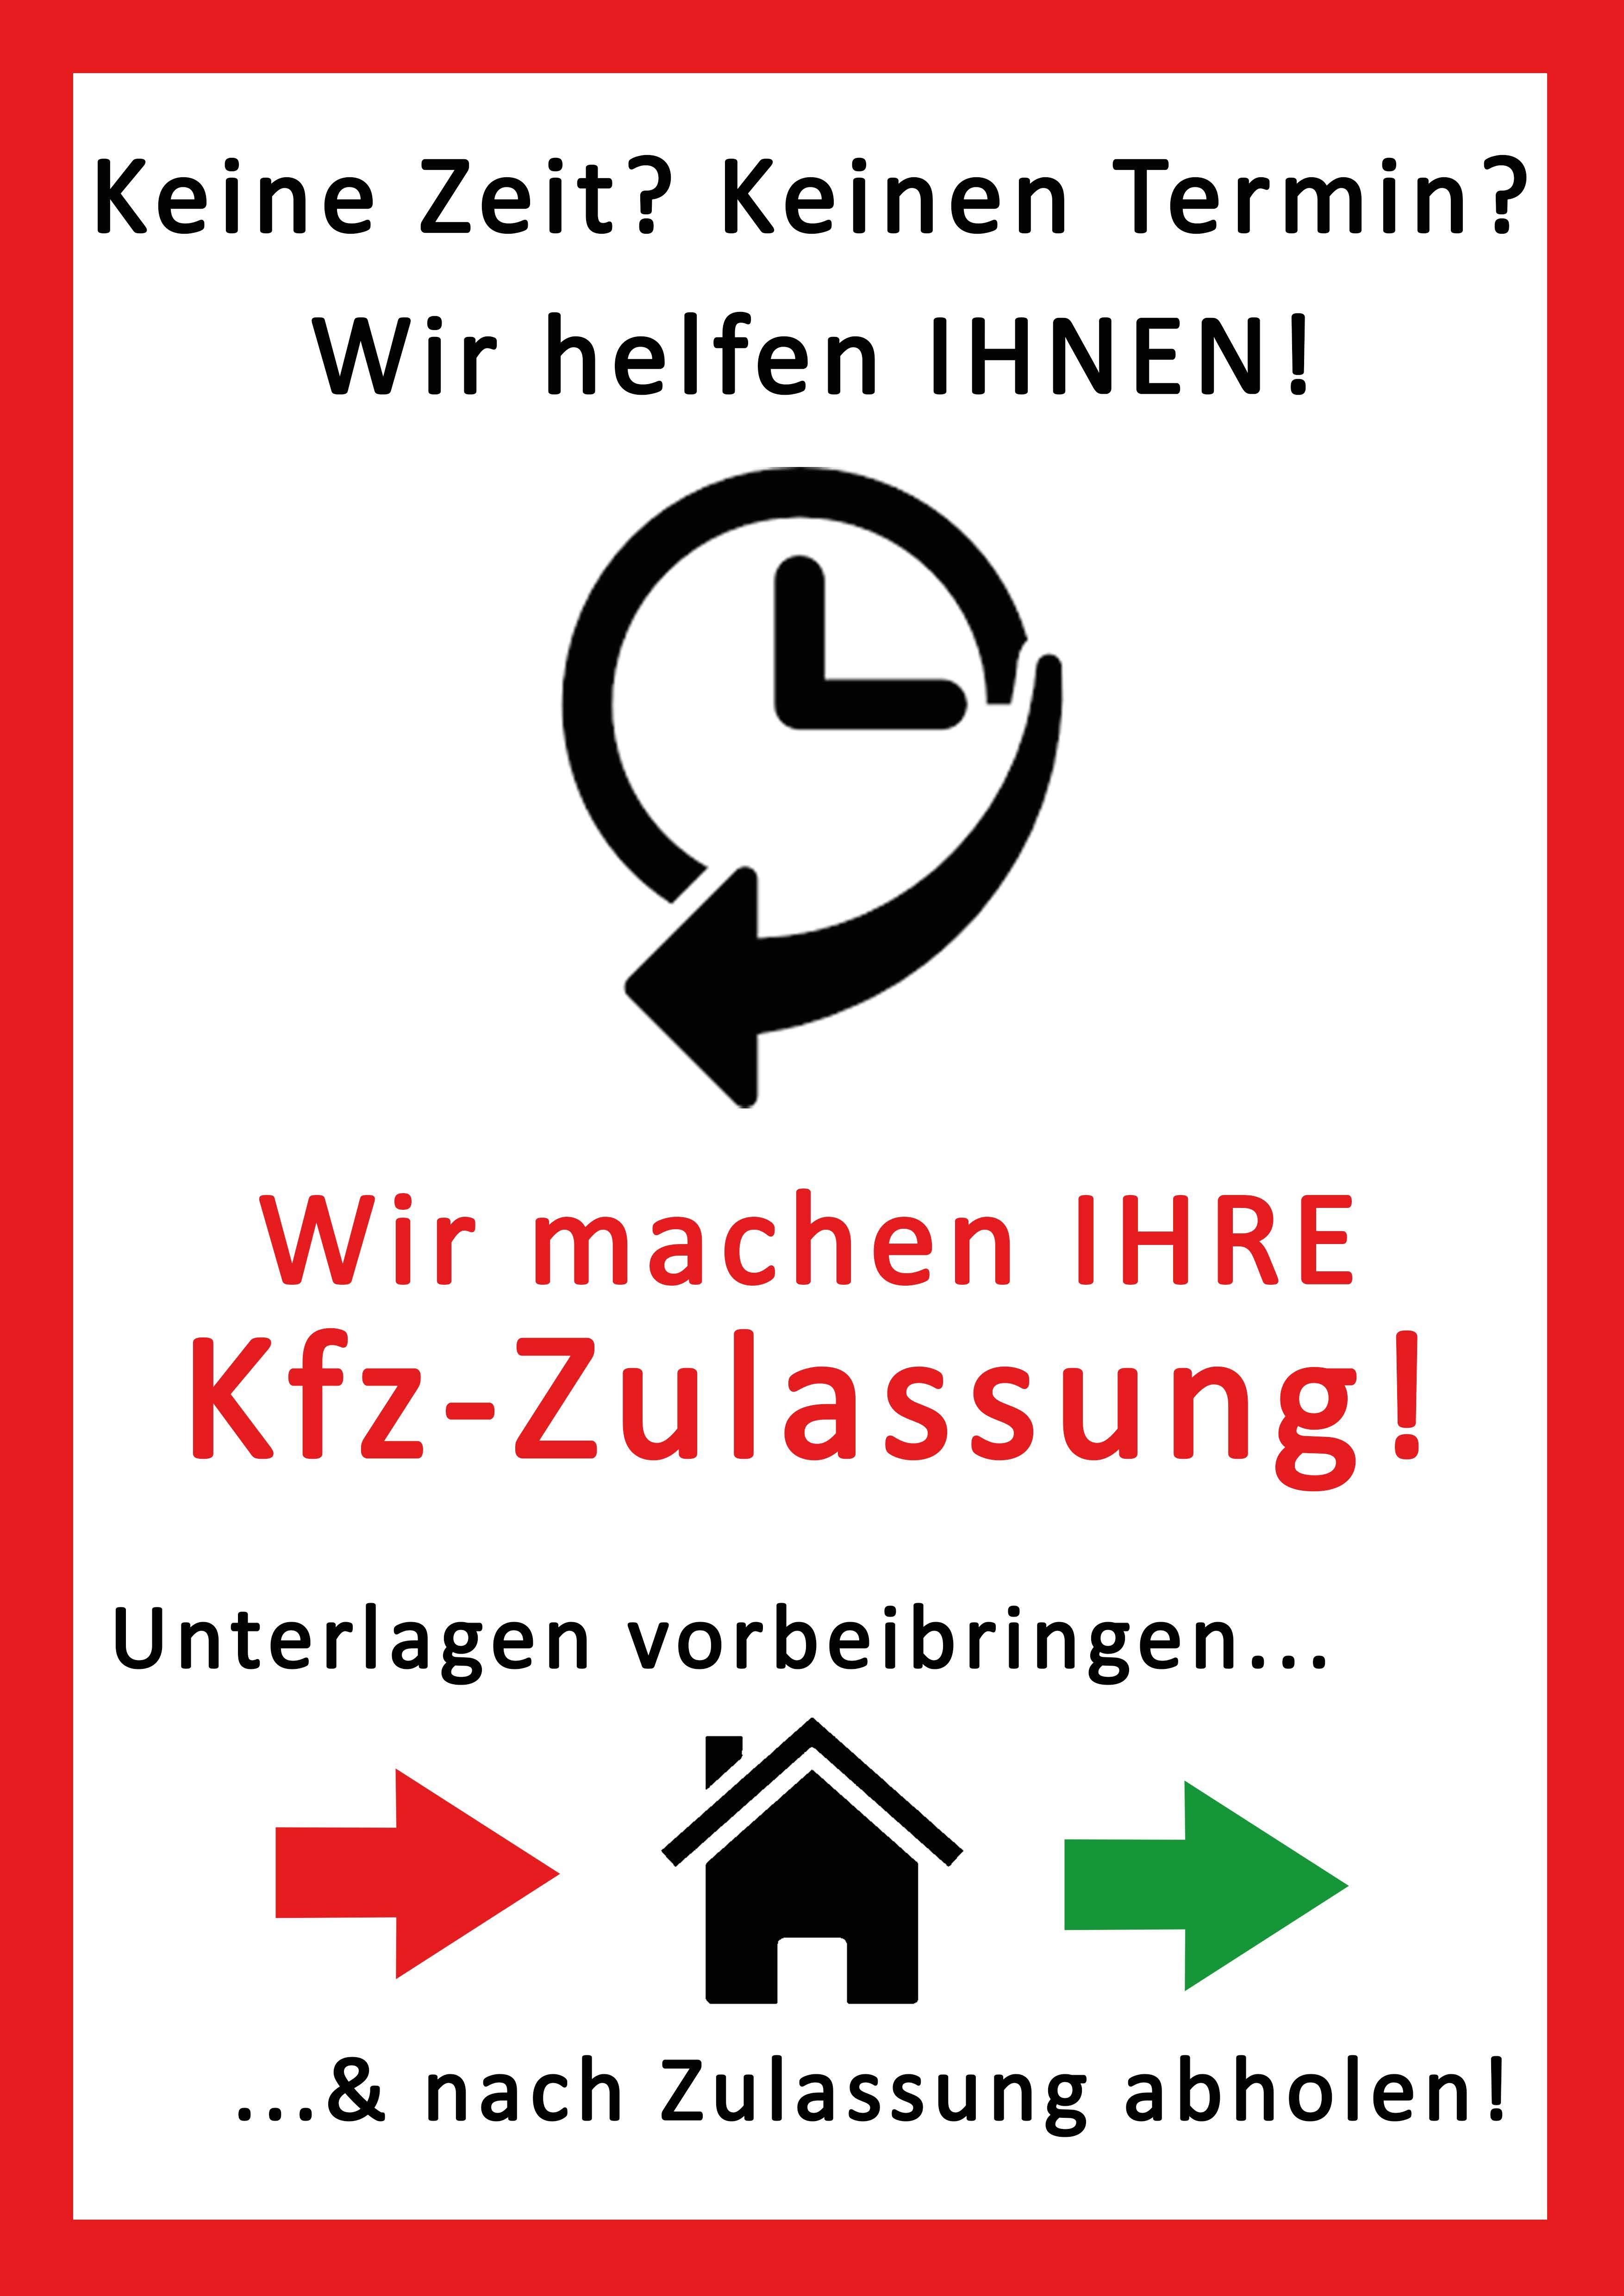 Autoschilder & Zulassungen Steininger Bielefeld